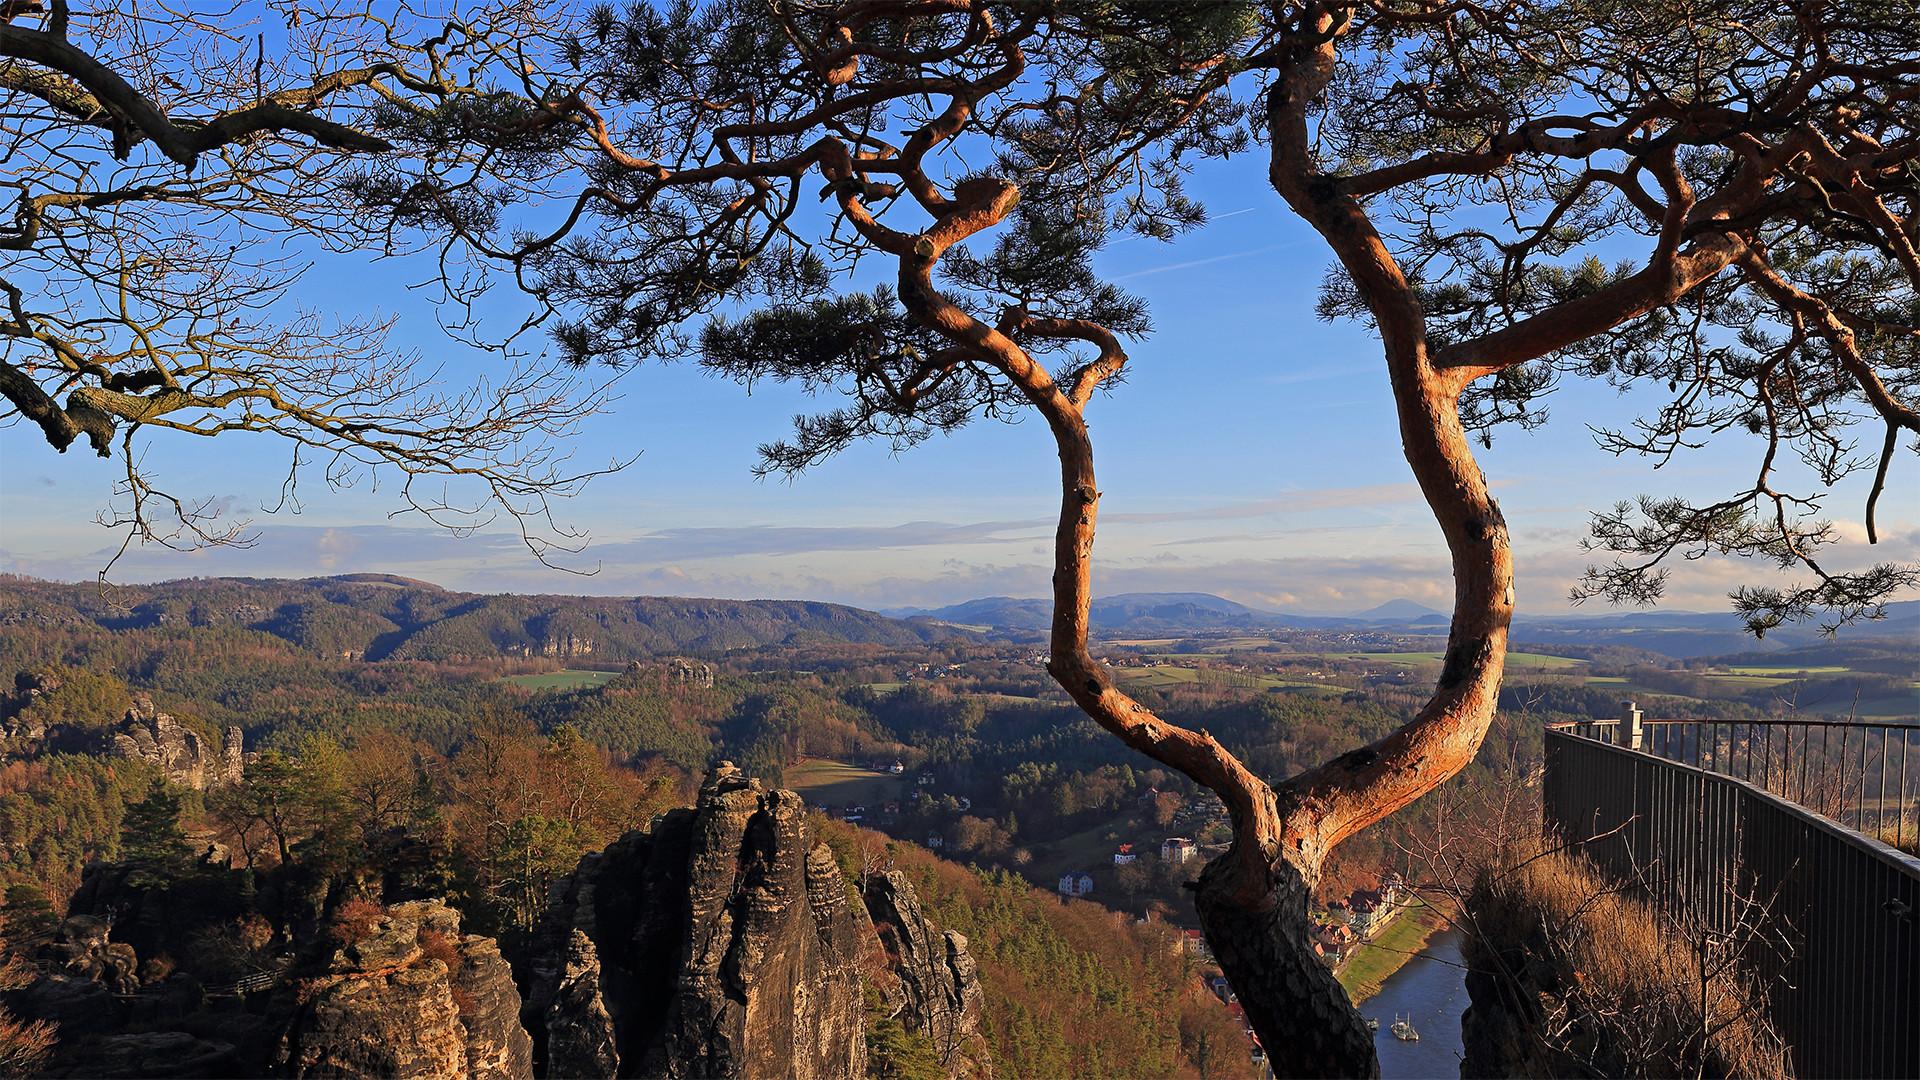 Auch dem zweiten Baum auf der Basteiaussicht darf nichts zustoßen...